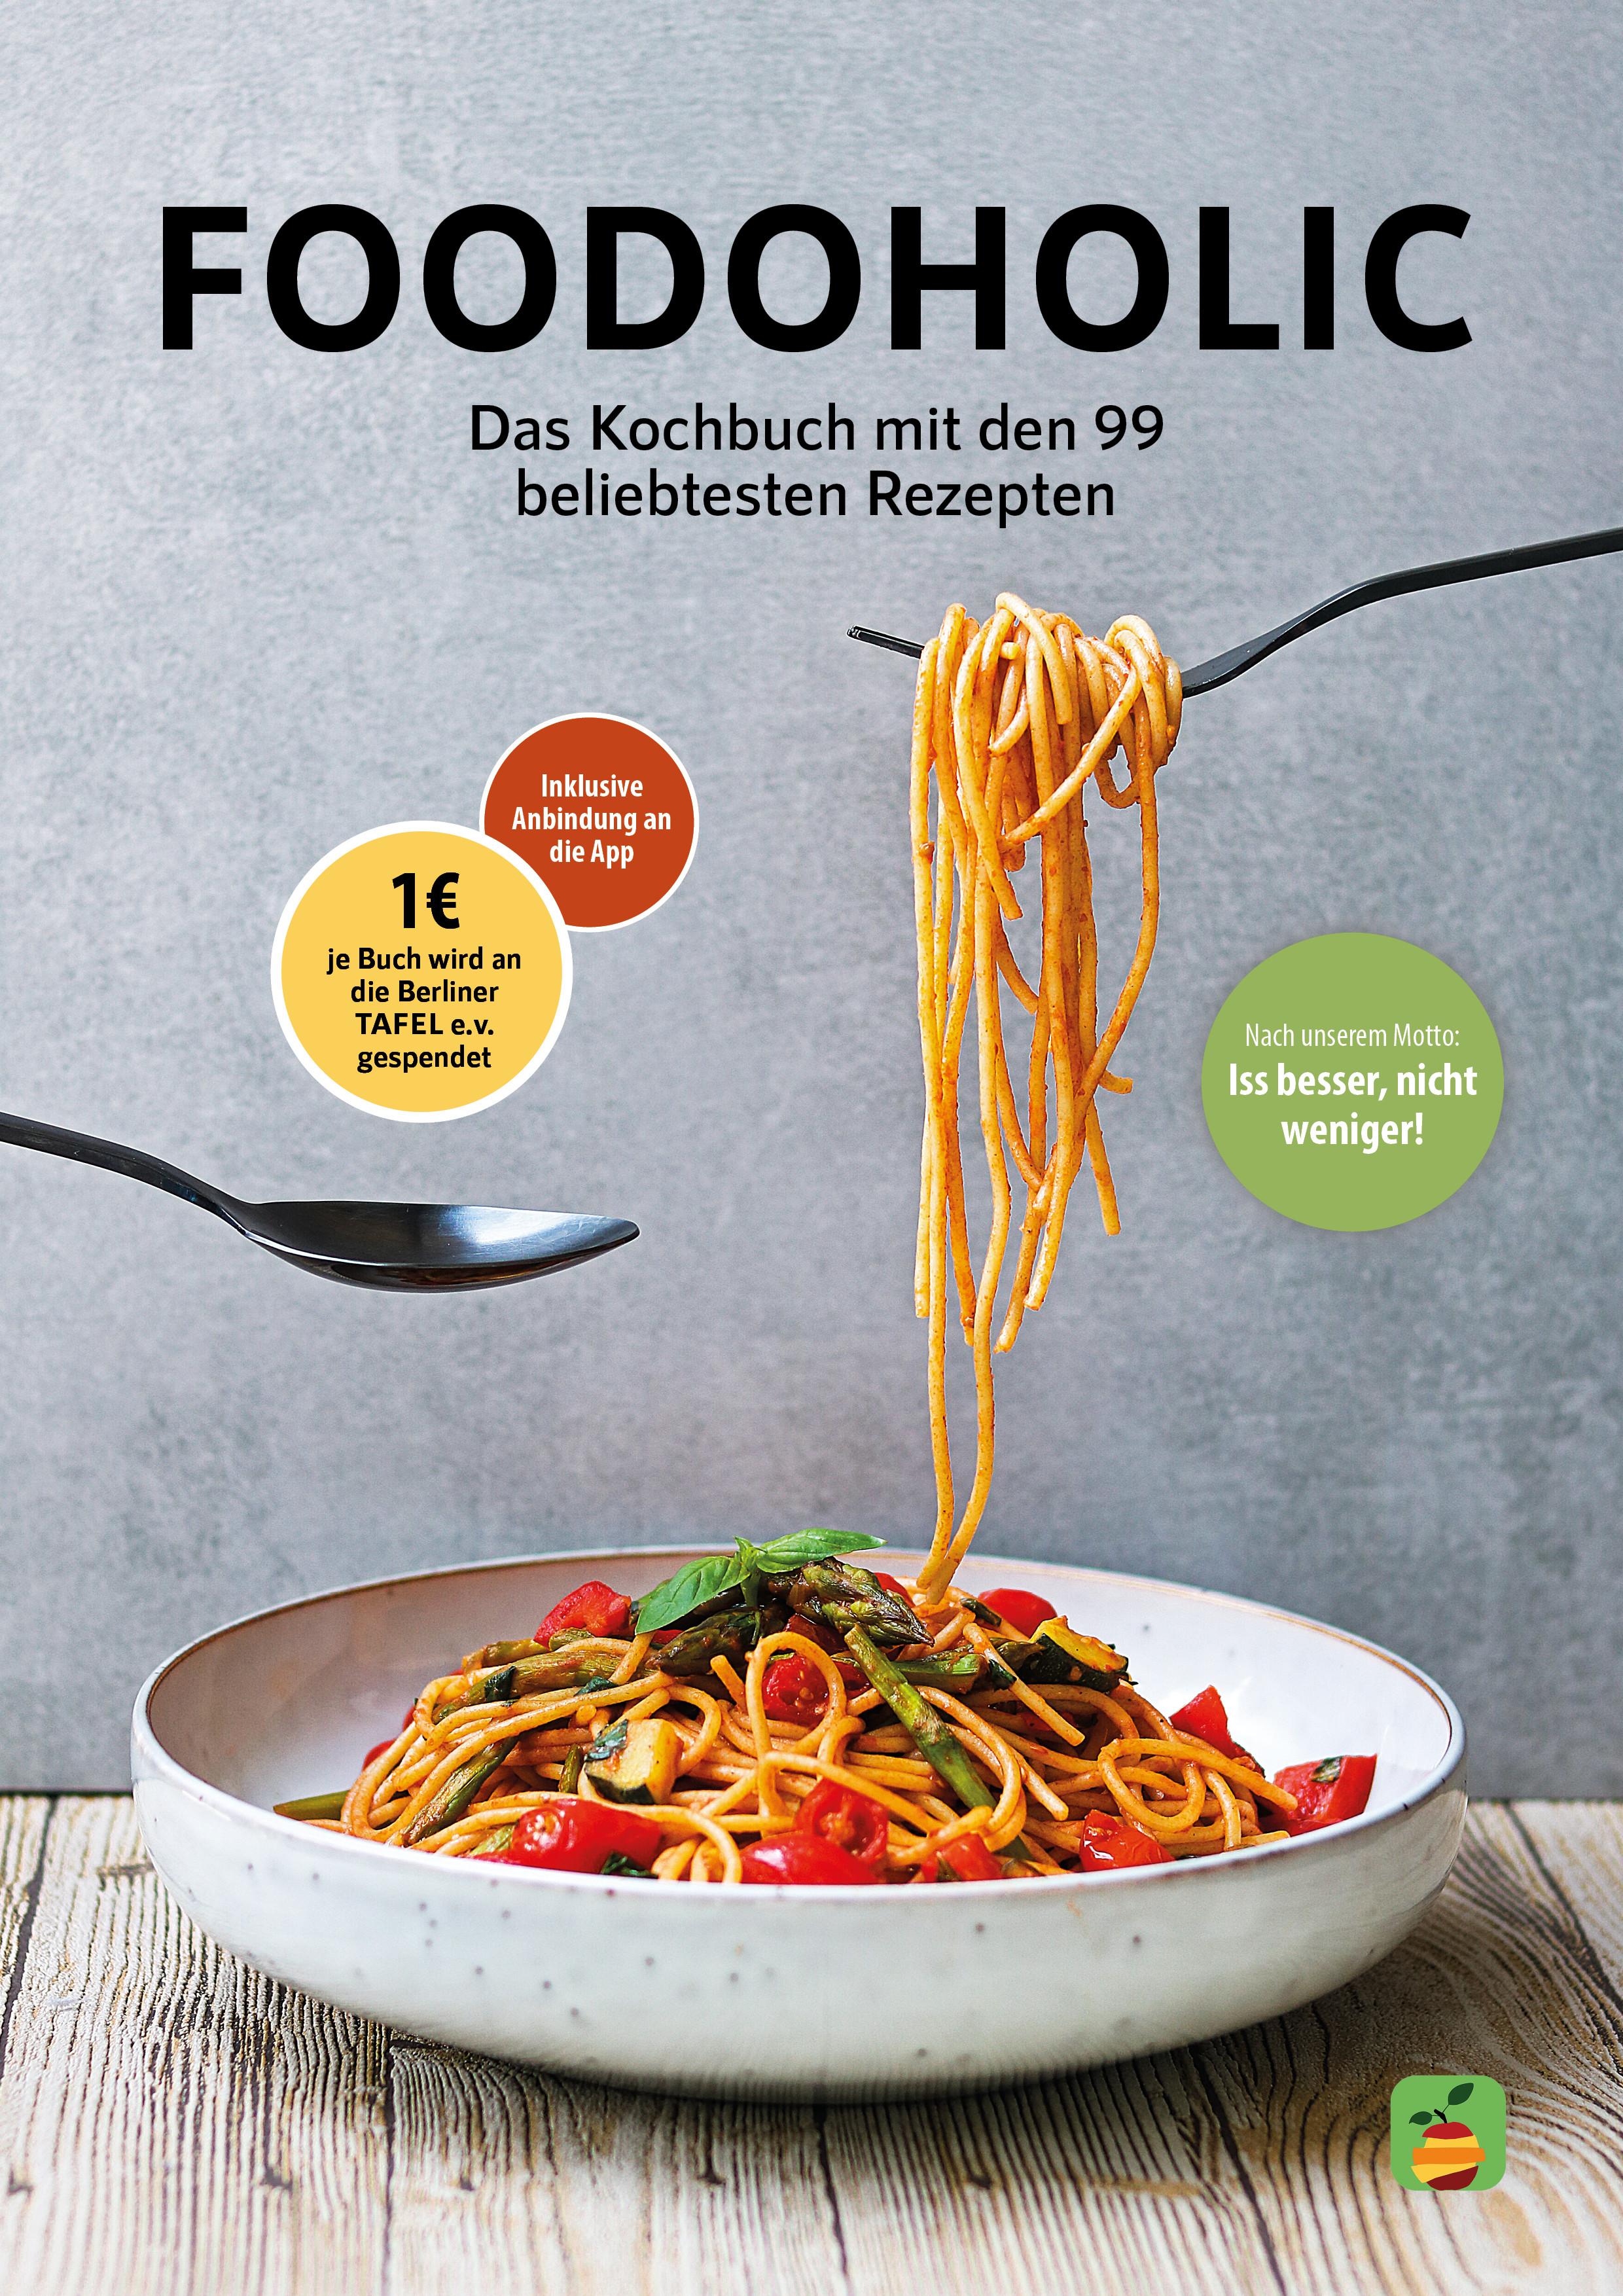 Foodoholic von Florian, Kaminski: Das Kochbuch mit den 99 beliebtesten